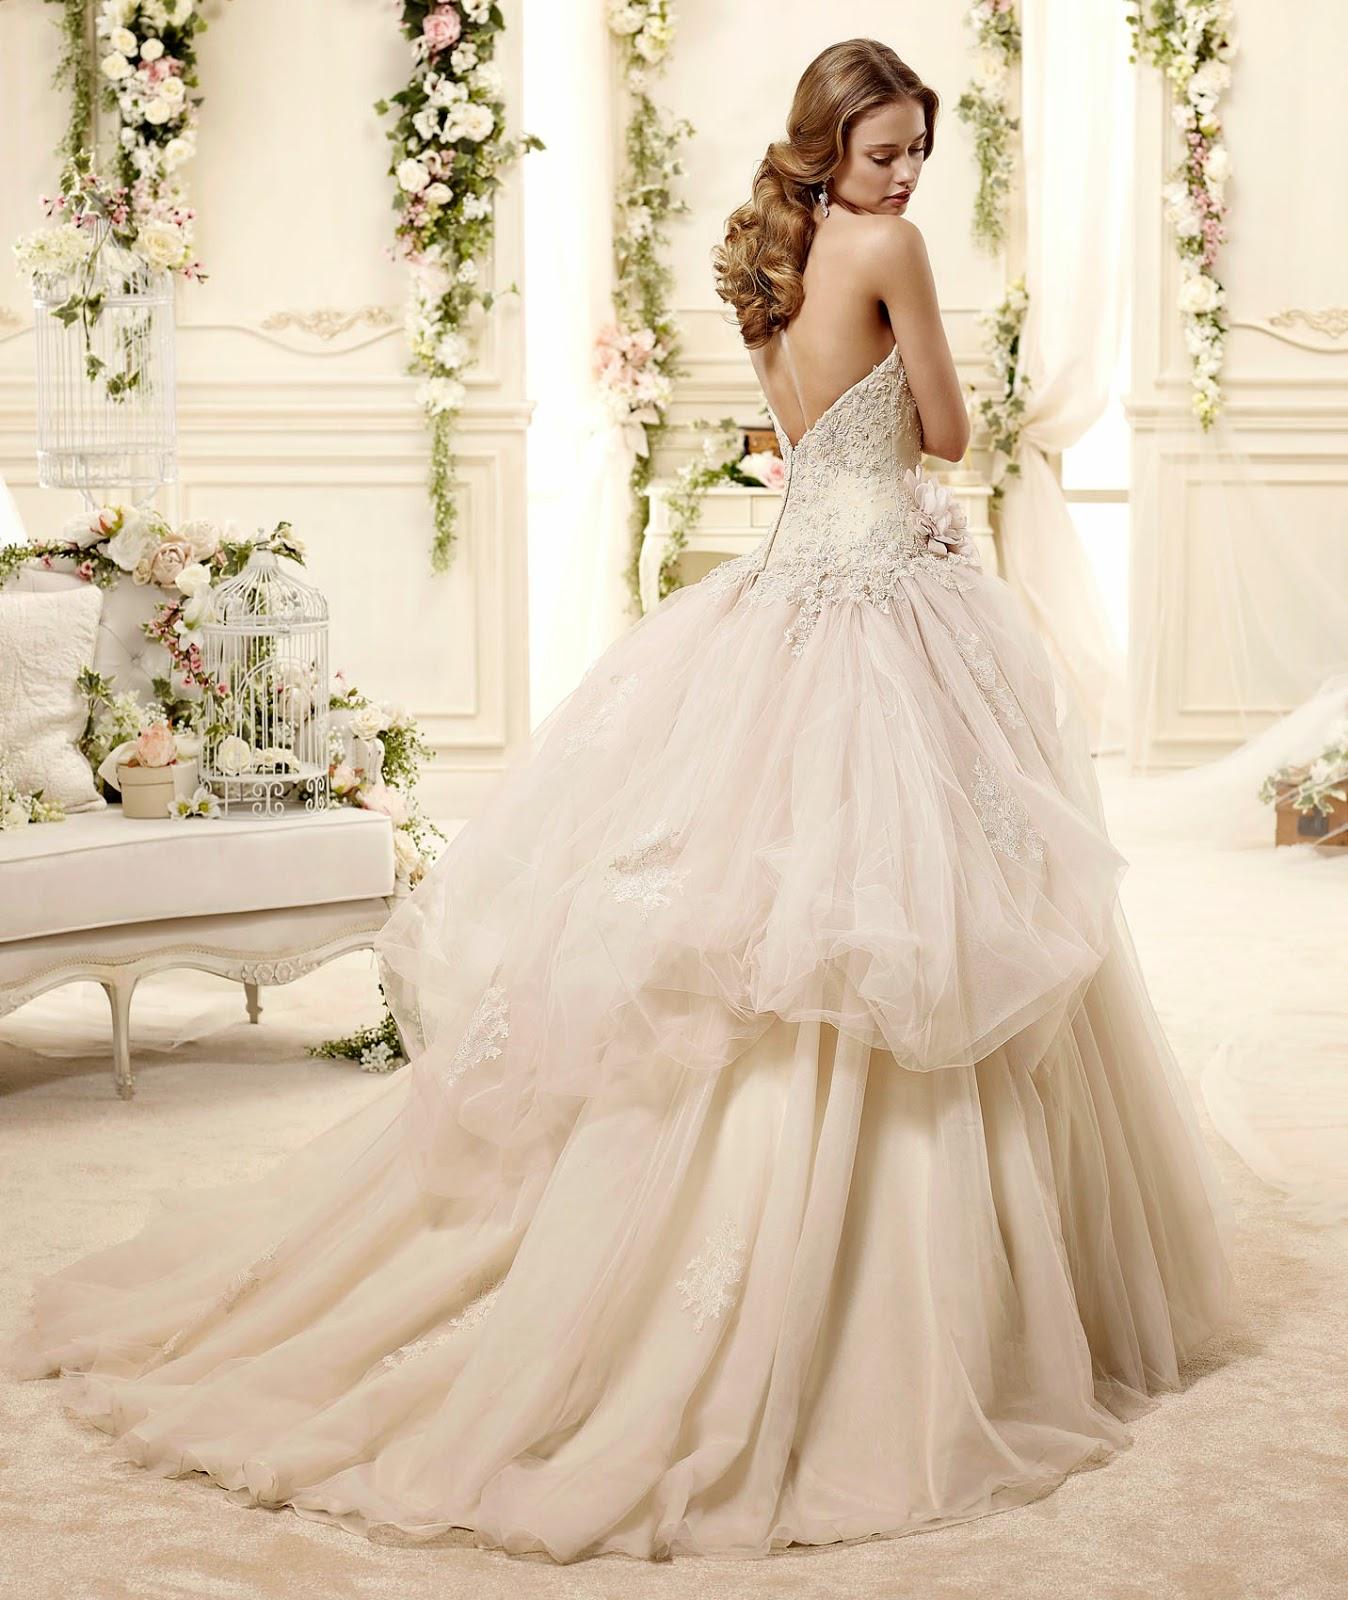 abiti da sposa 2015 collezione Colet per matrimoni romantici